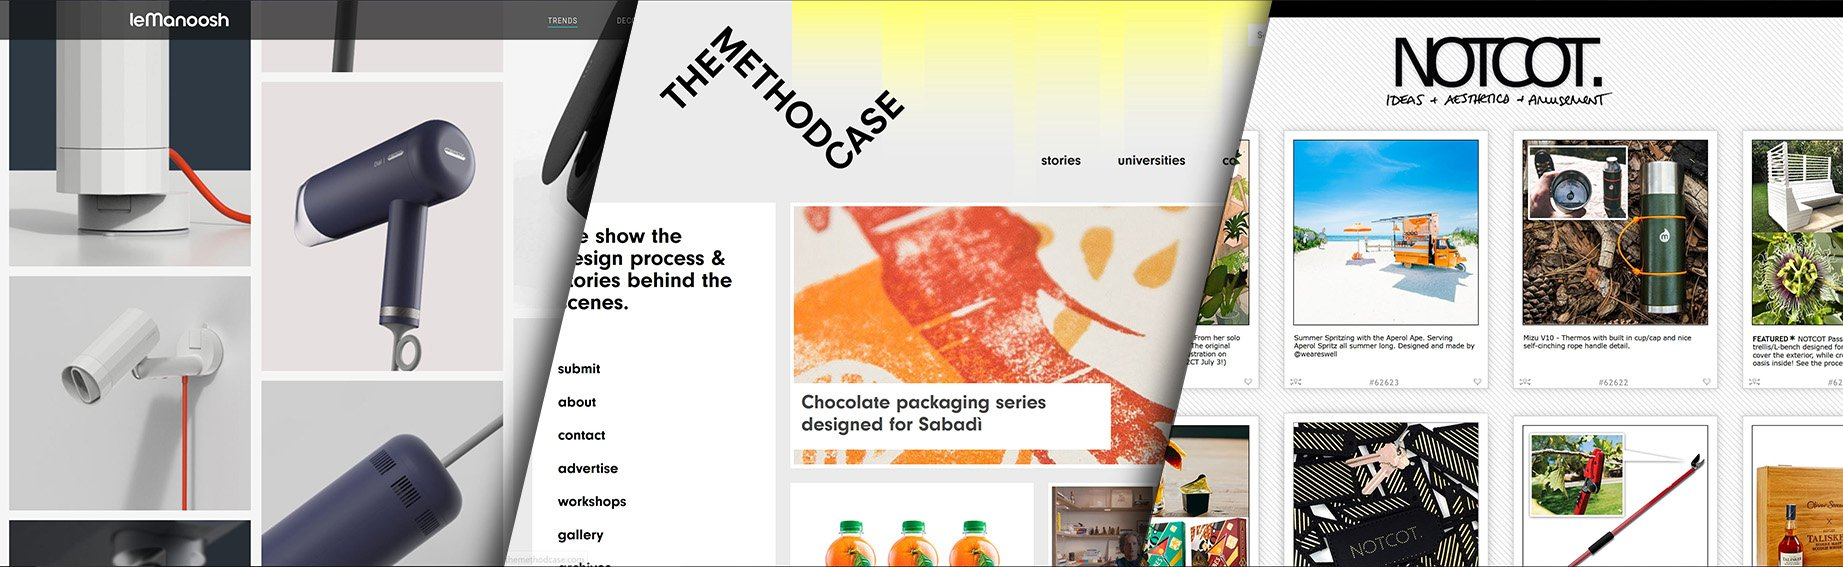 Good i migliori e meno famosi design blog del prodotto for Interior designer famosi